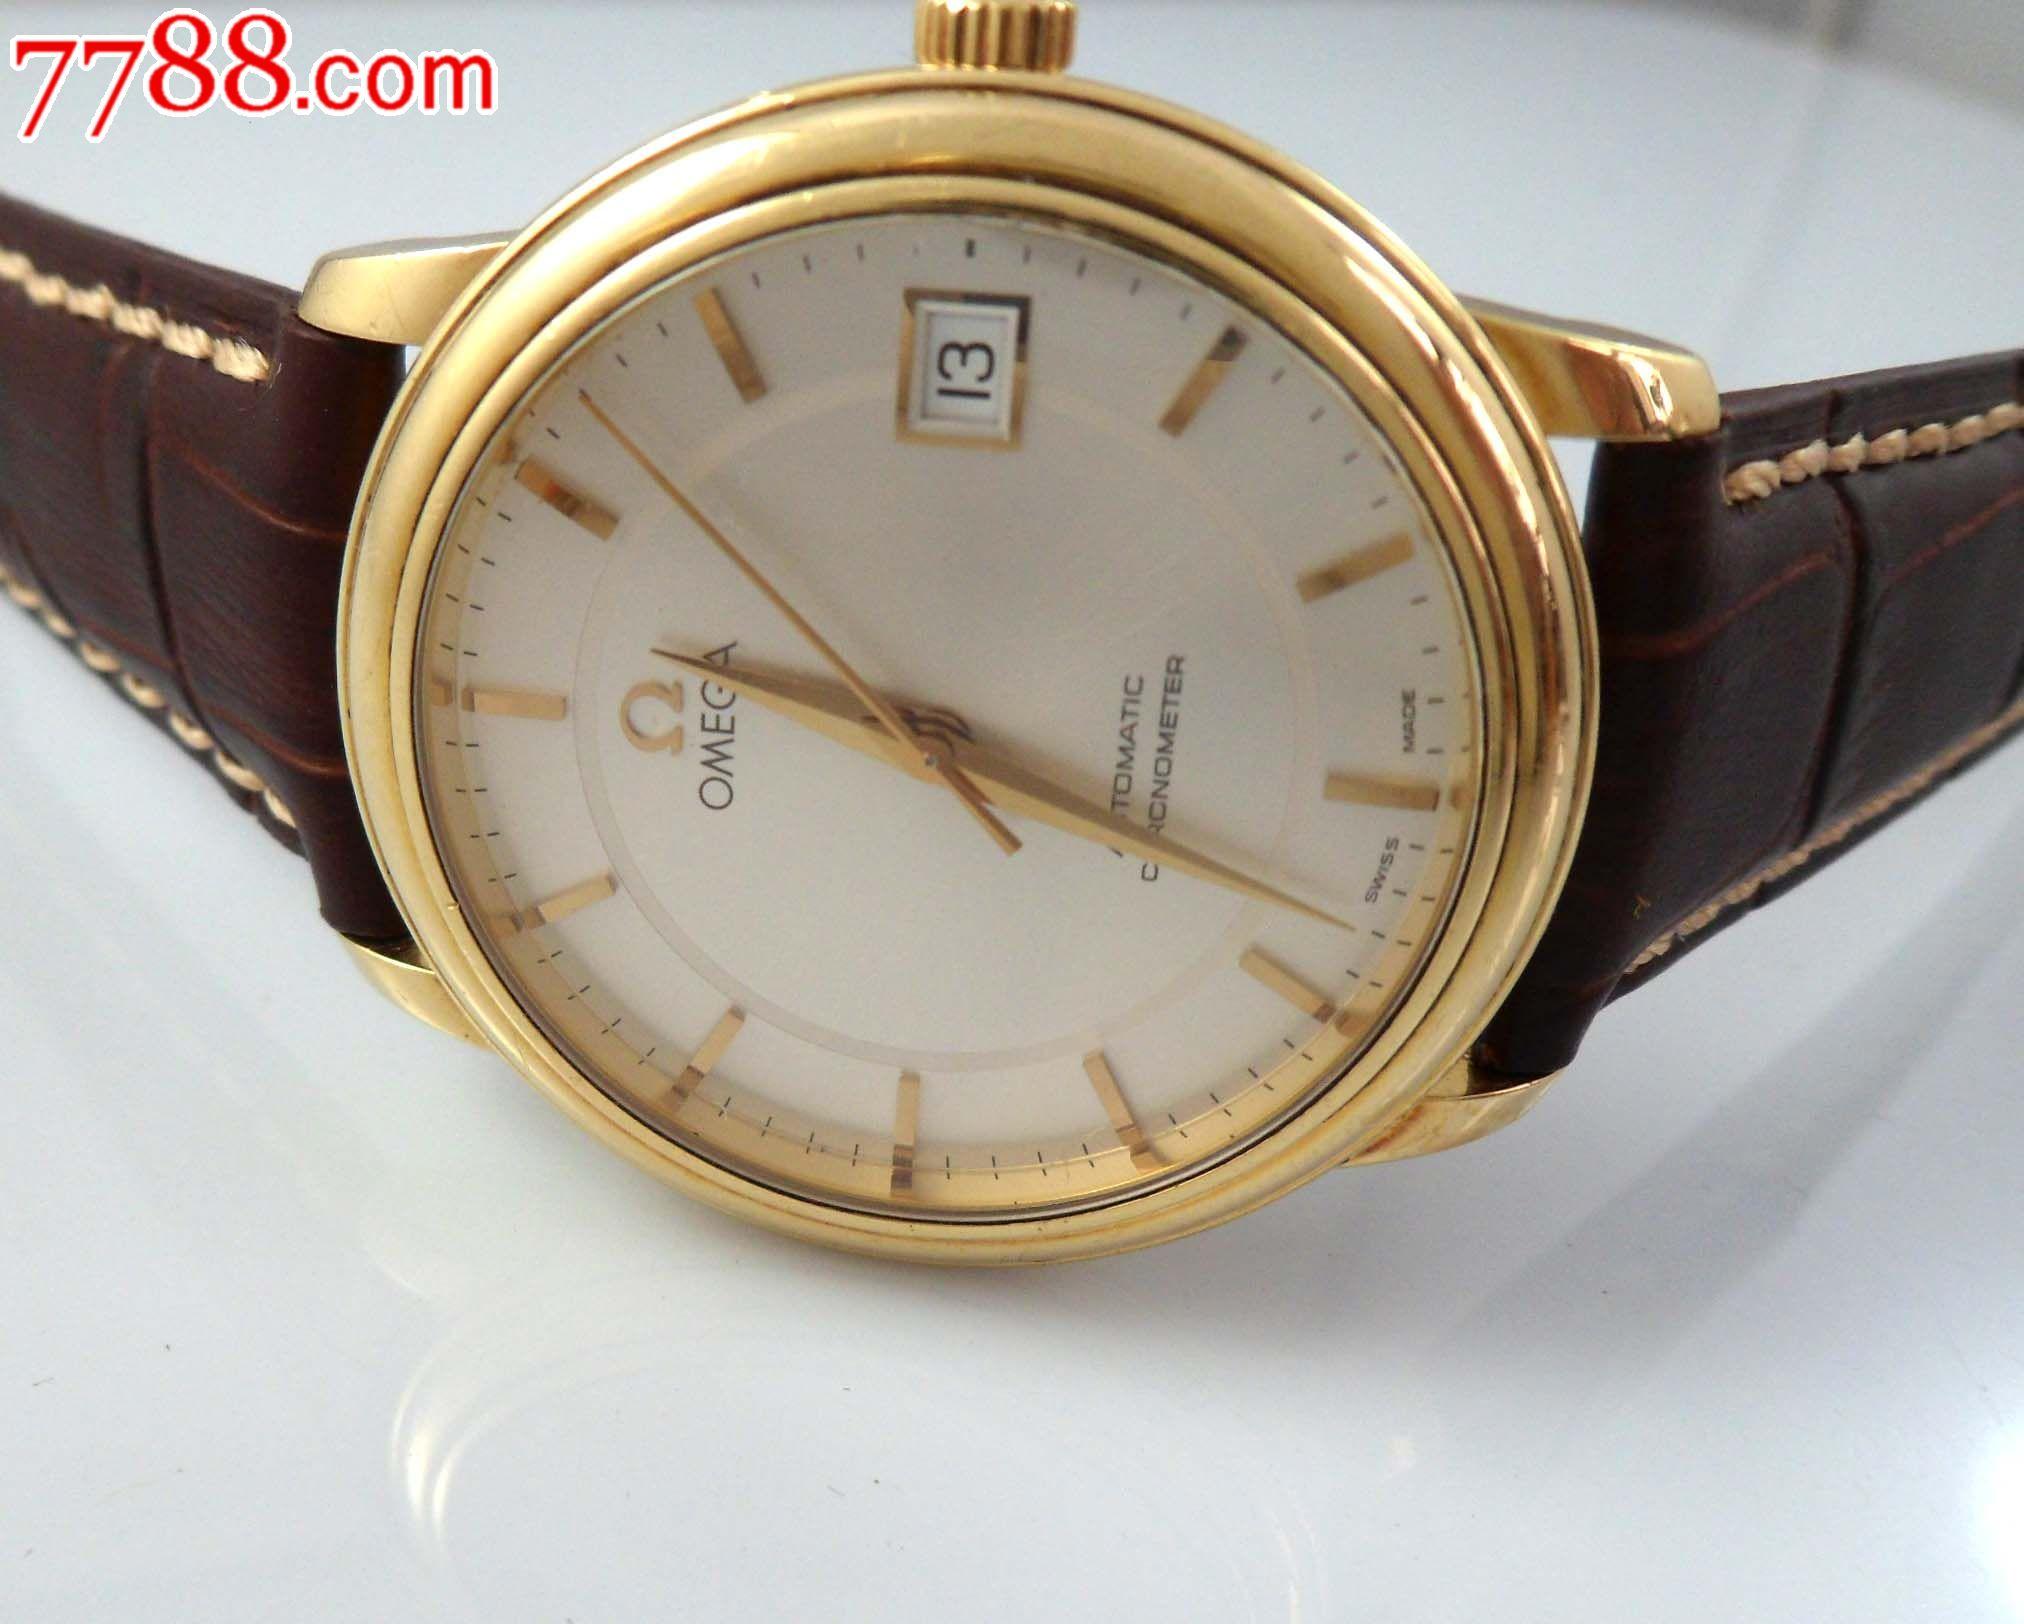 现货18k黄金欧米茄omega1120自动机械表_手表/腕表_店图片